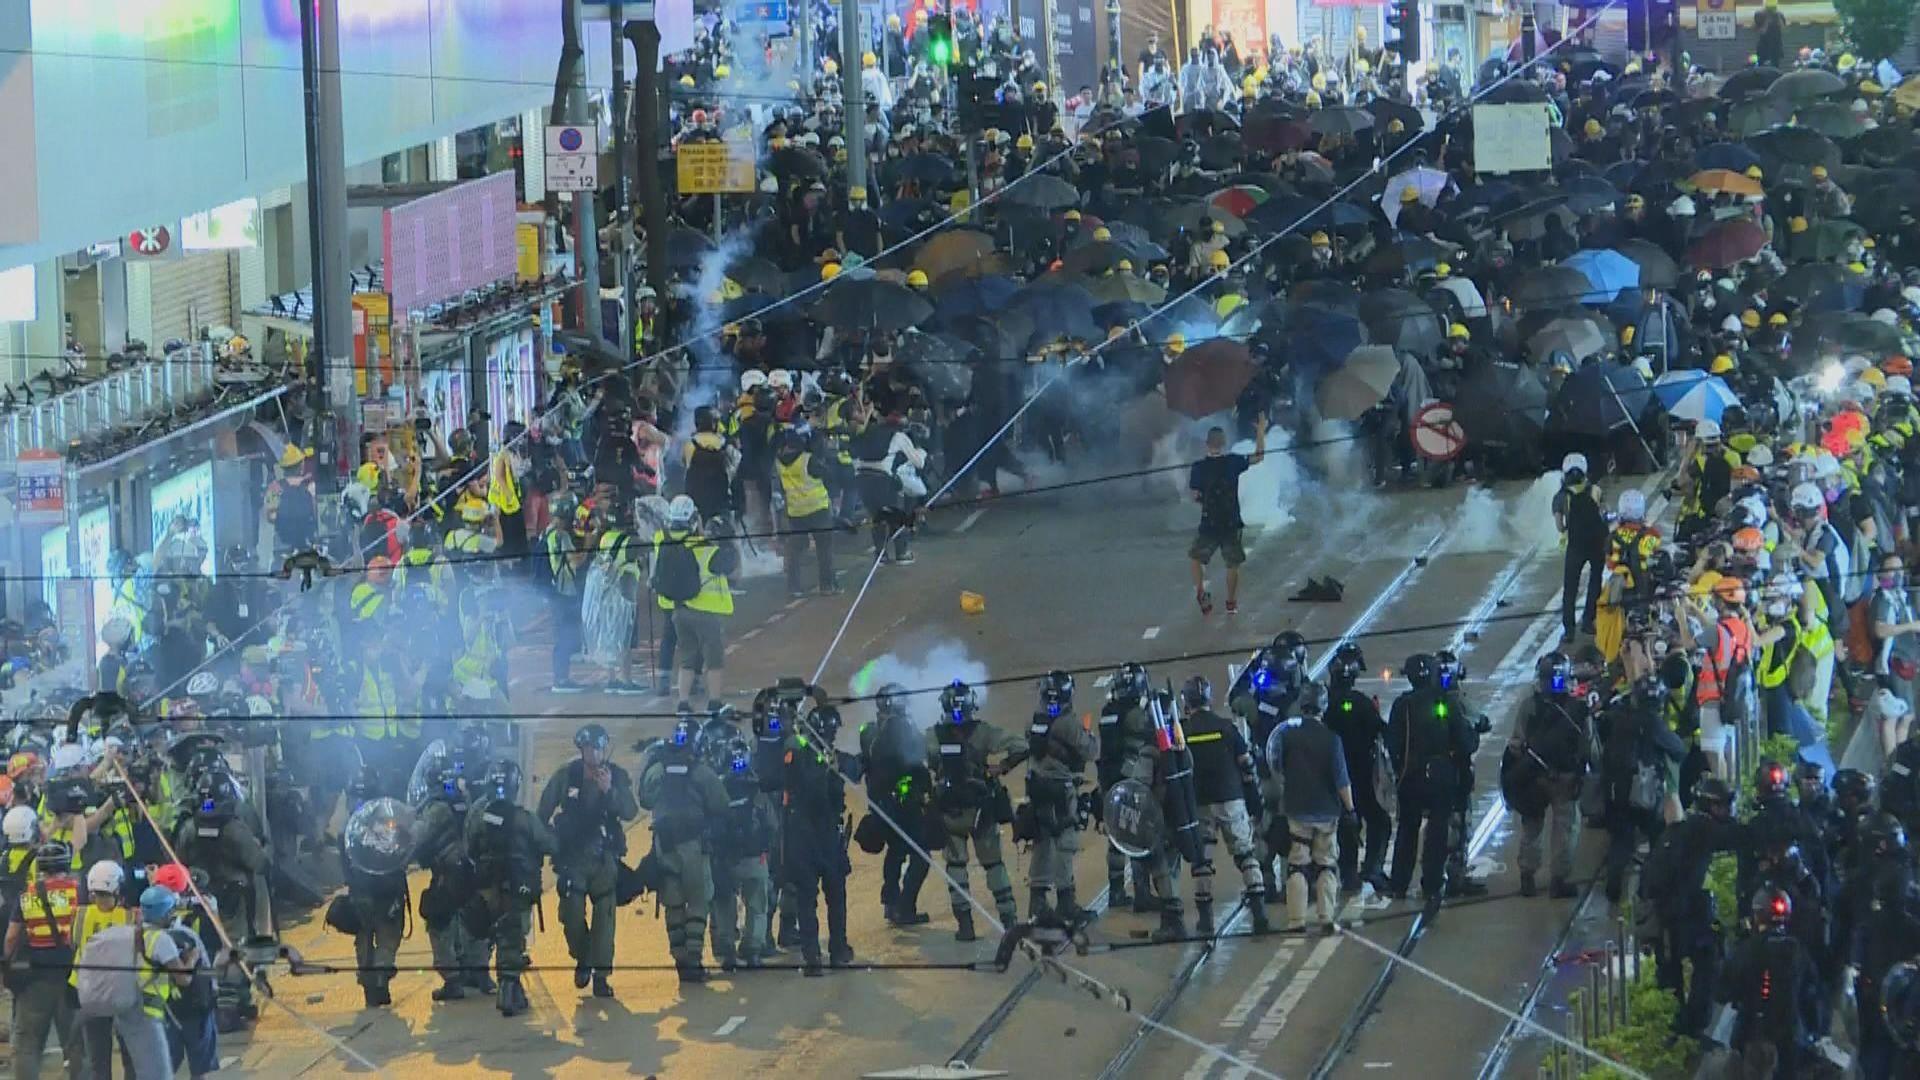 前年831銅鑼灣示威 19歲學生暴動罪名不成立